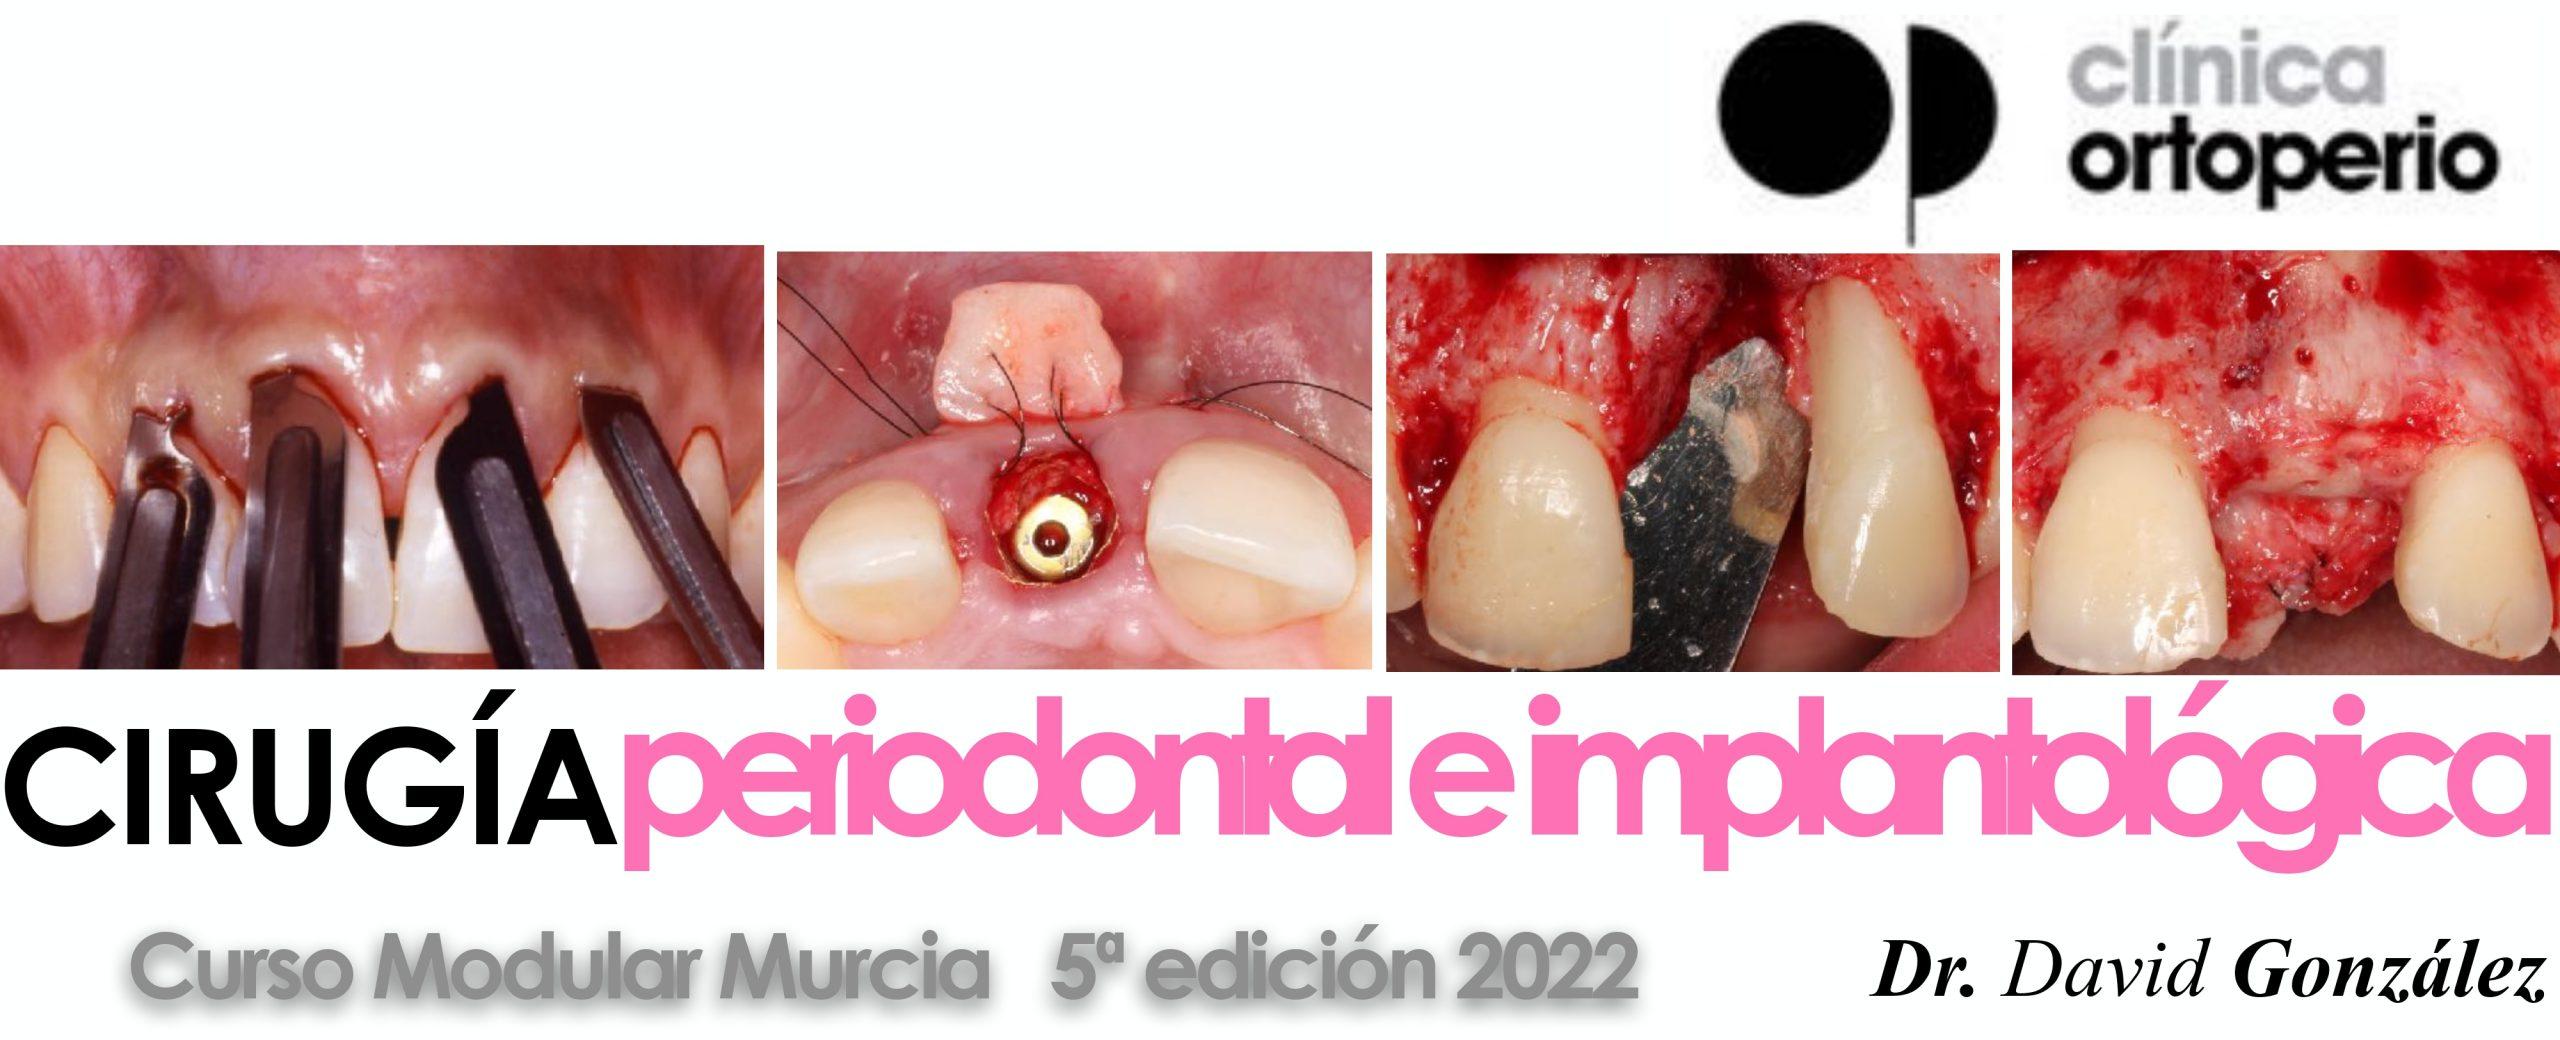 Curso cirugía periodontal e implantológica 2022 1